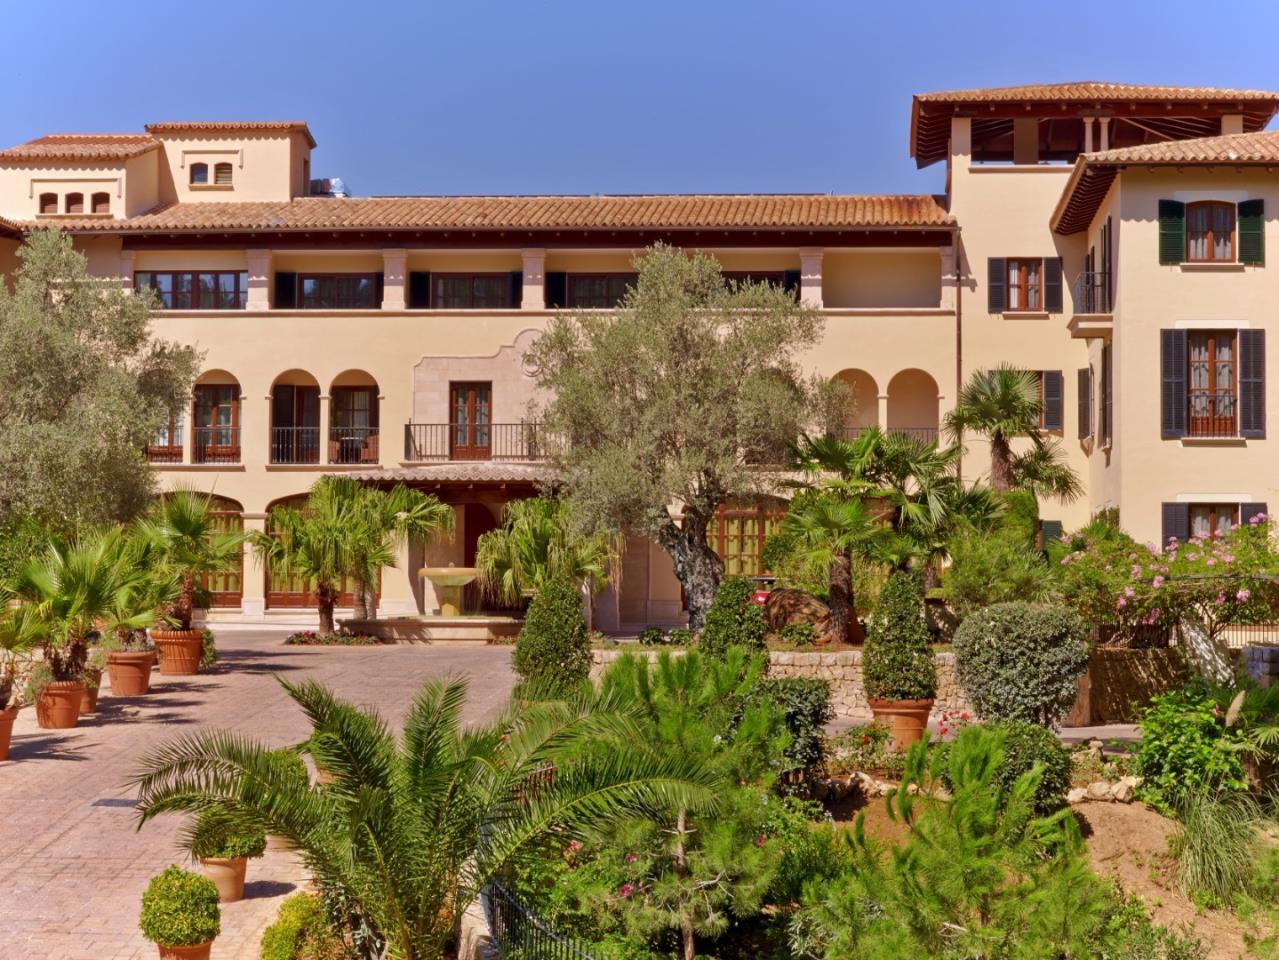 Arabella Golf (5* Sheraton Arabella Golf Hotel) - 3 Nights & Unlimited Golf